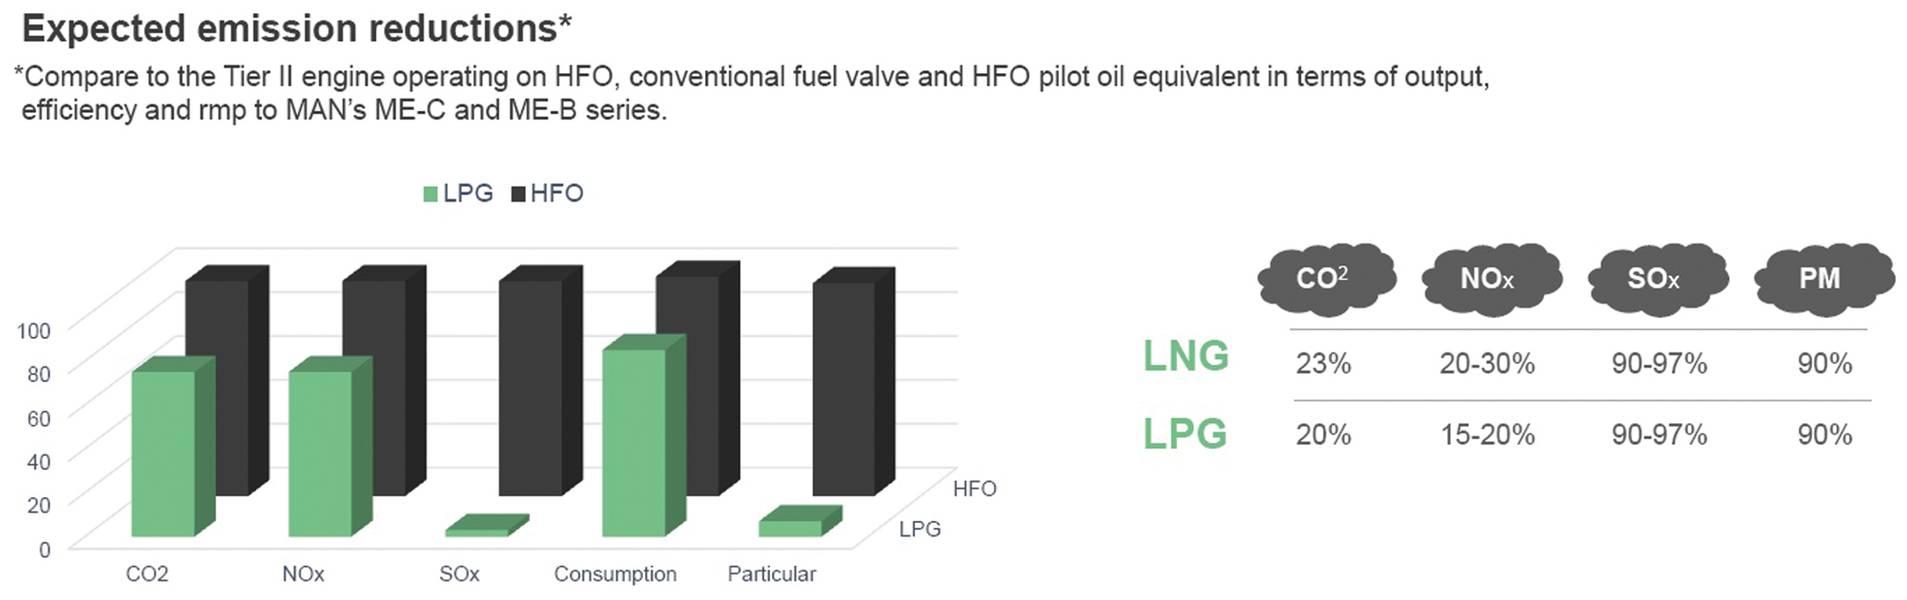 एलपीजी इंजन की अपेक्षित उत्सर्जन में कमी। छवियां: © MAN ES